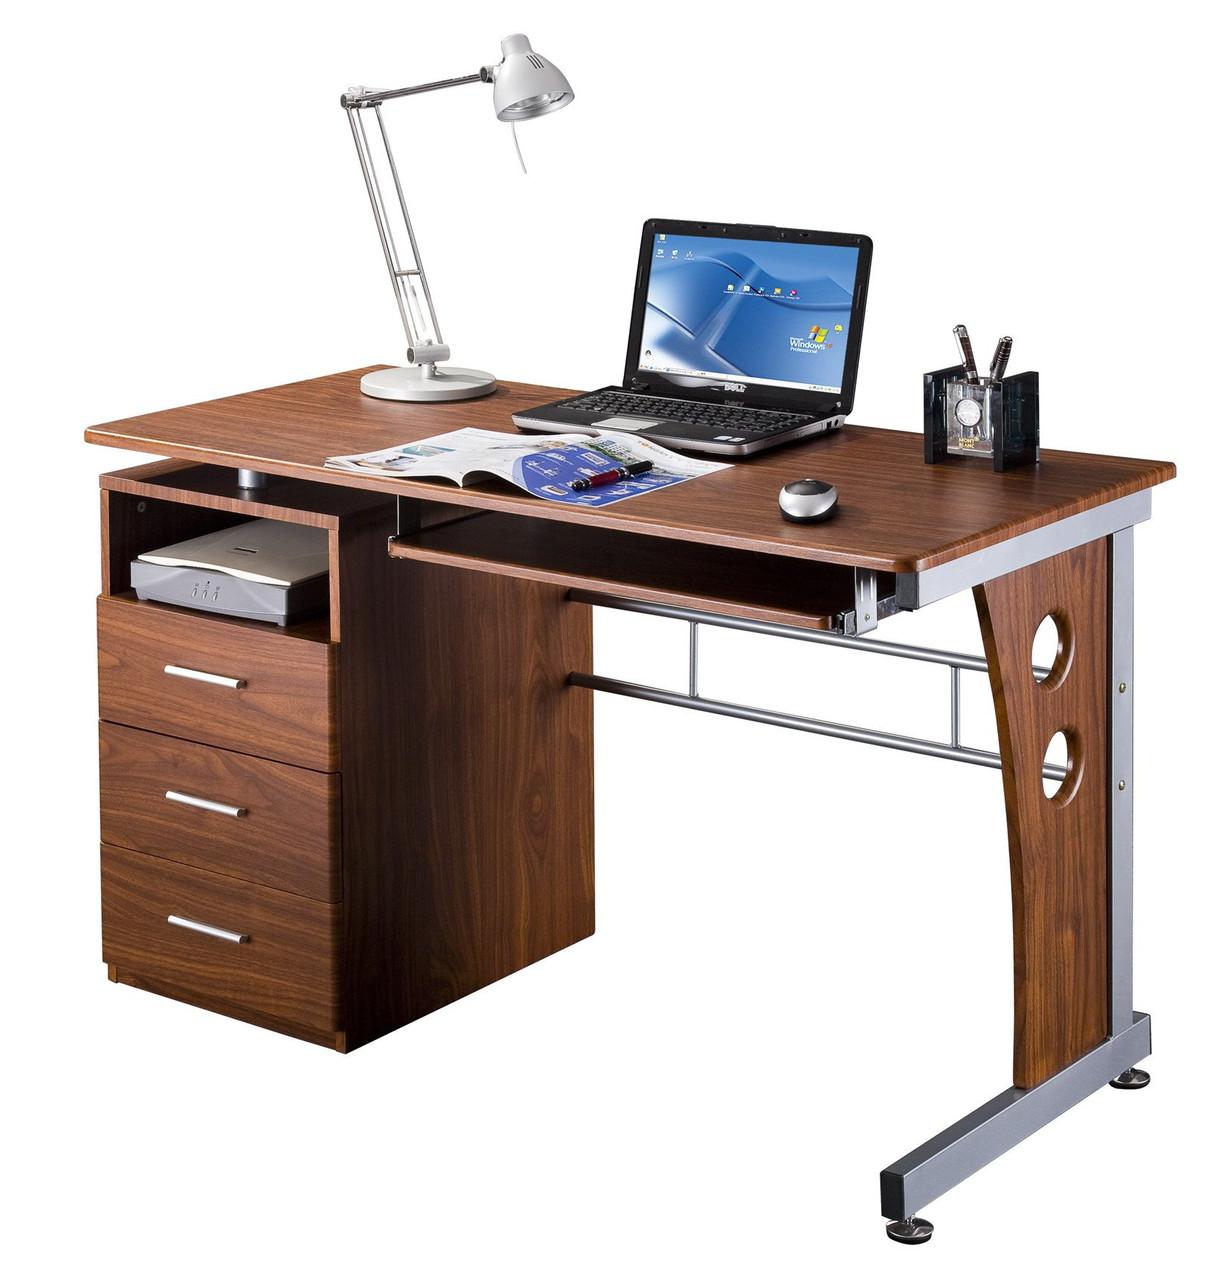 Techni Mobili Computer Desk With Storage Rta 3520 M615